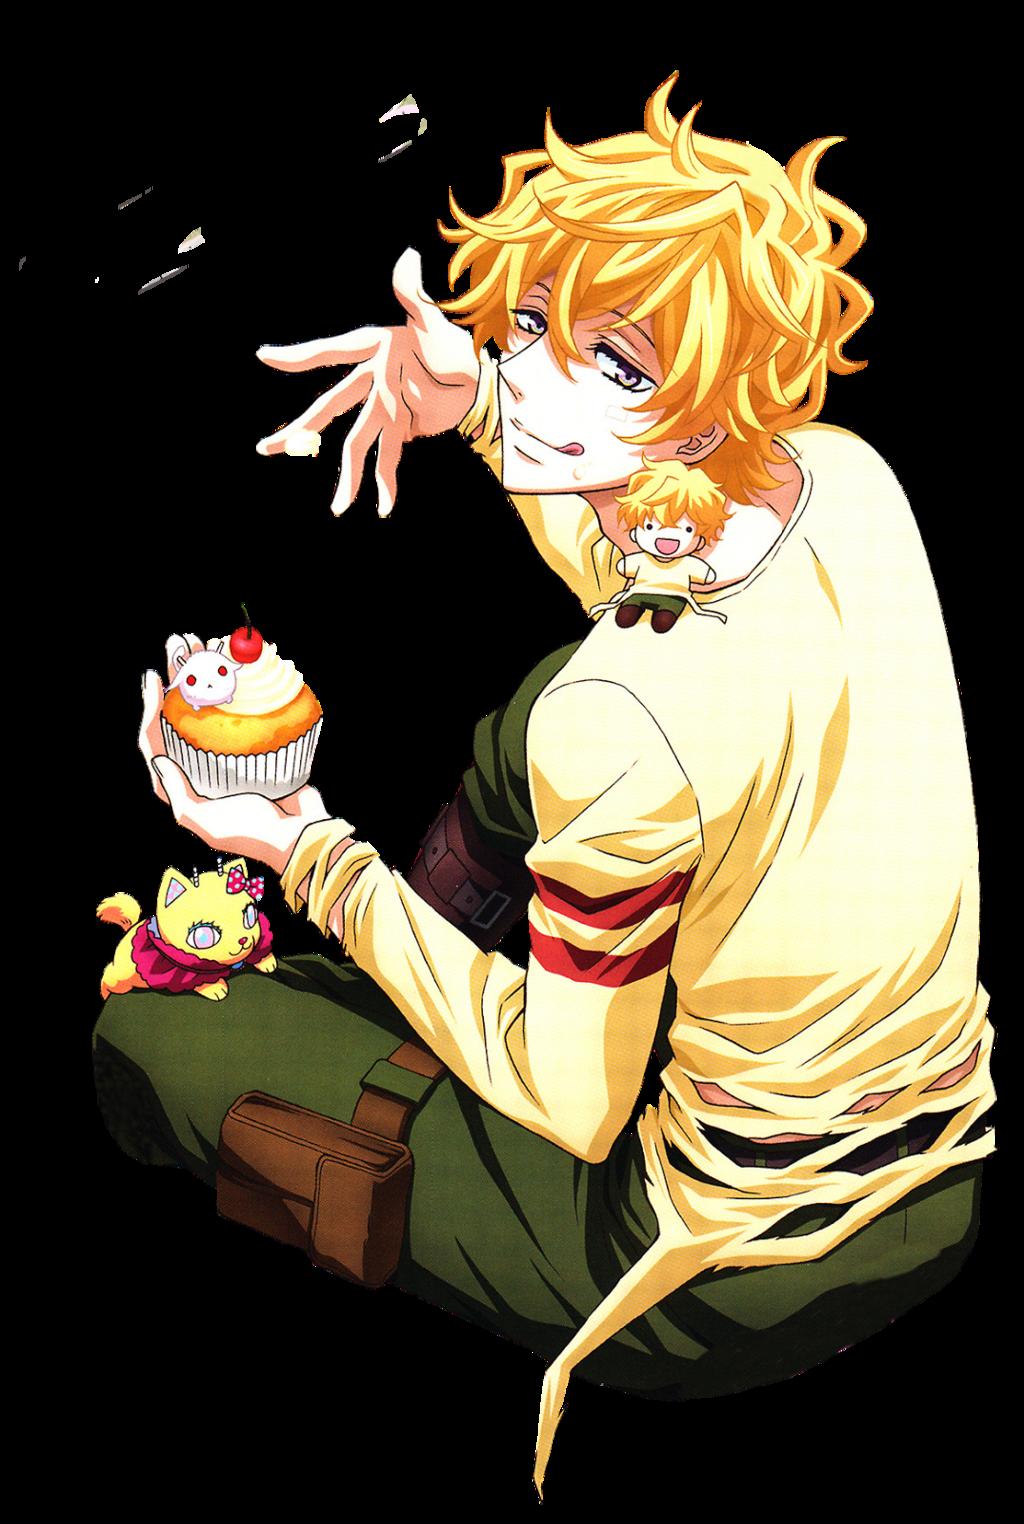 Karneval Yogi Png Anime Cosplay Anime Manga Anime